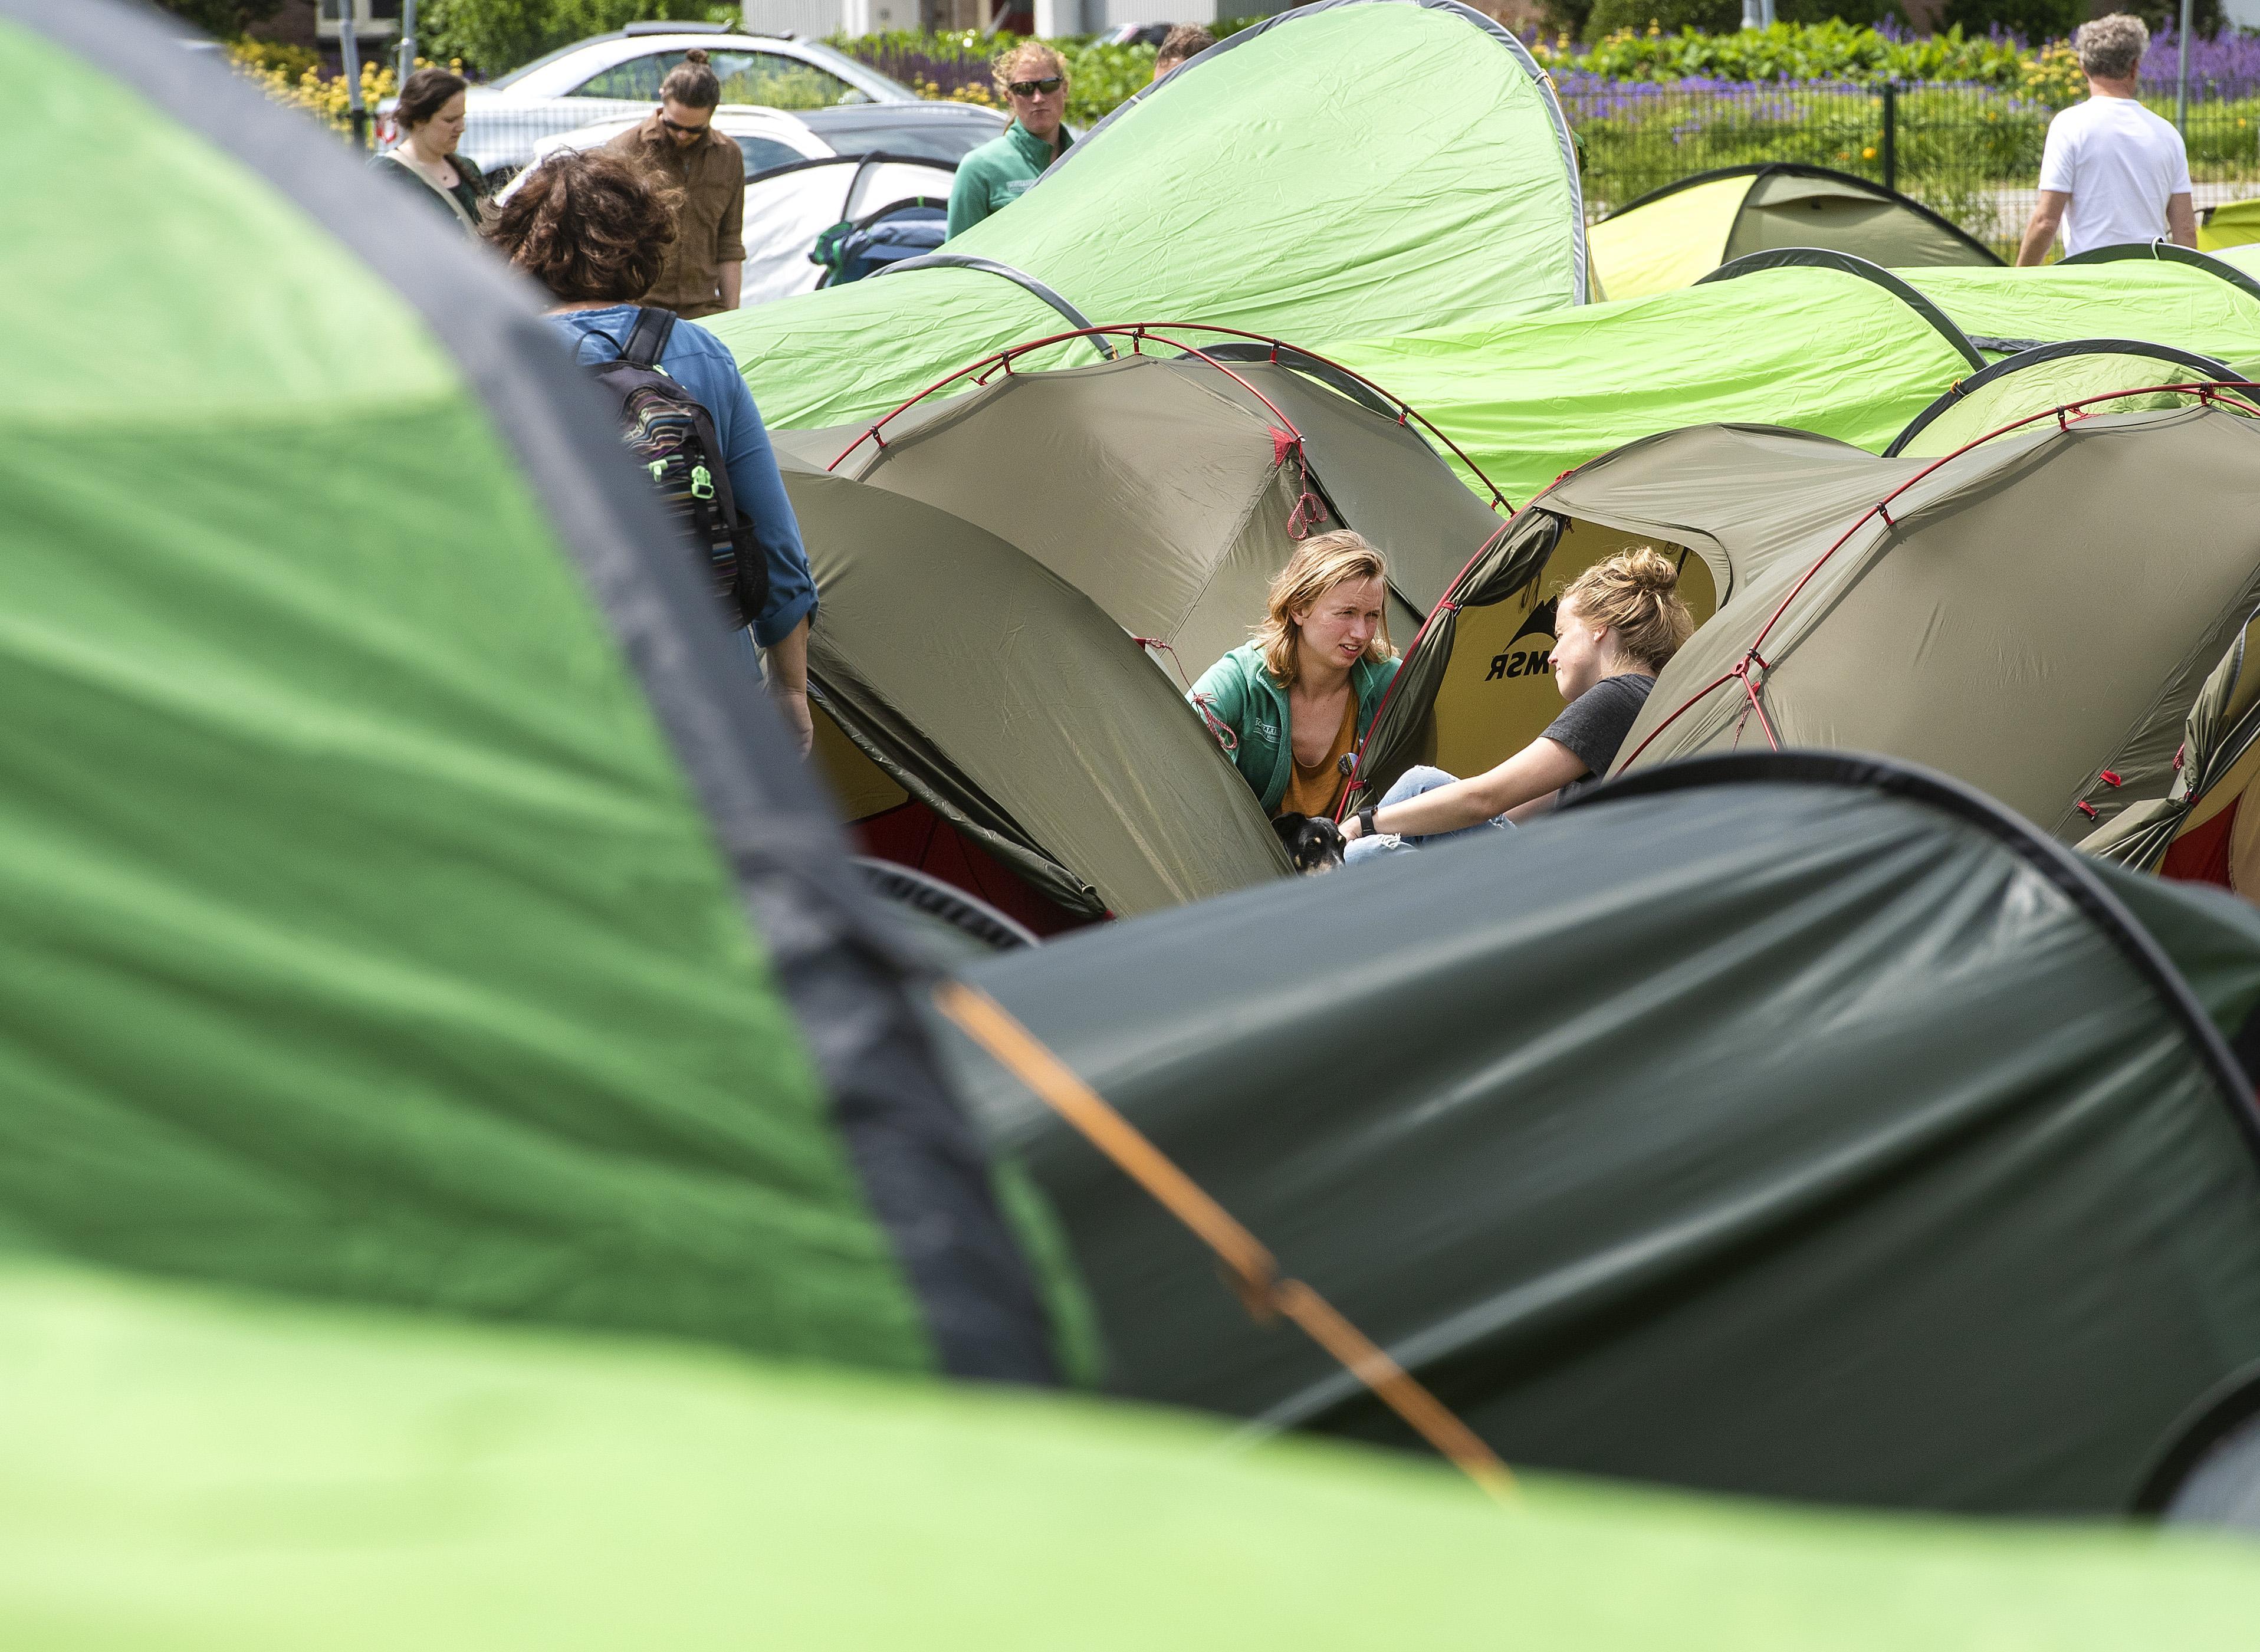 Tent testen bij show outdoorwinkel Soellaart in Haarlem: 'Een echtpaar heeft hier vannacht geslapen'